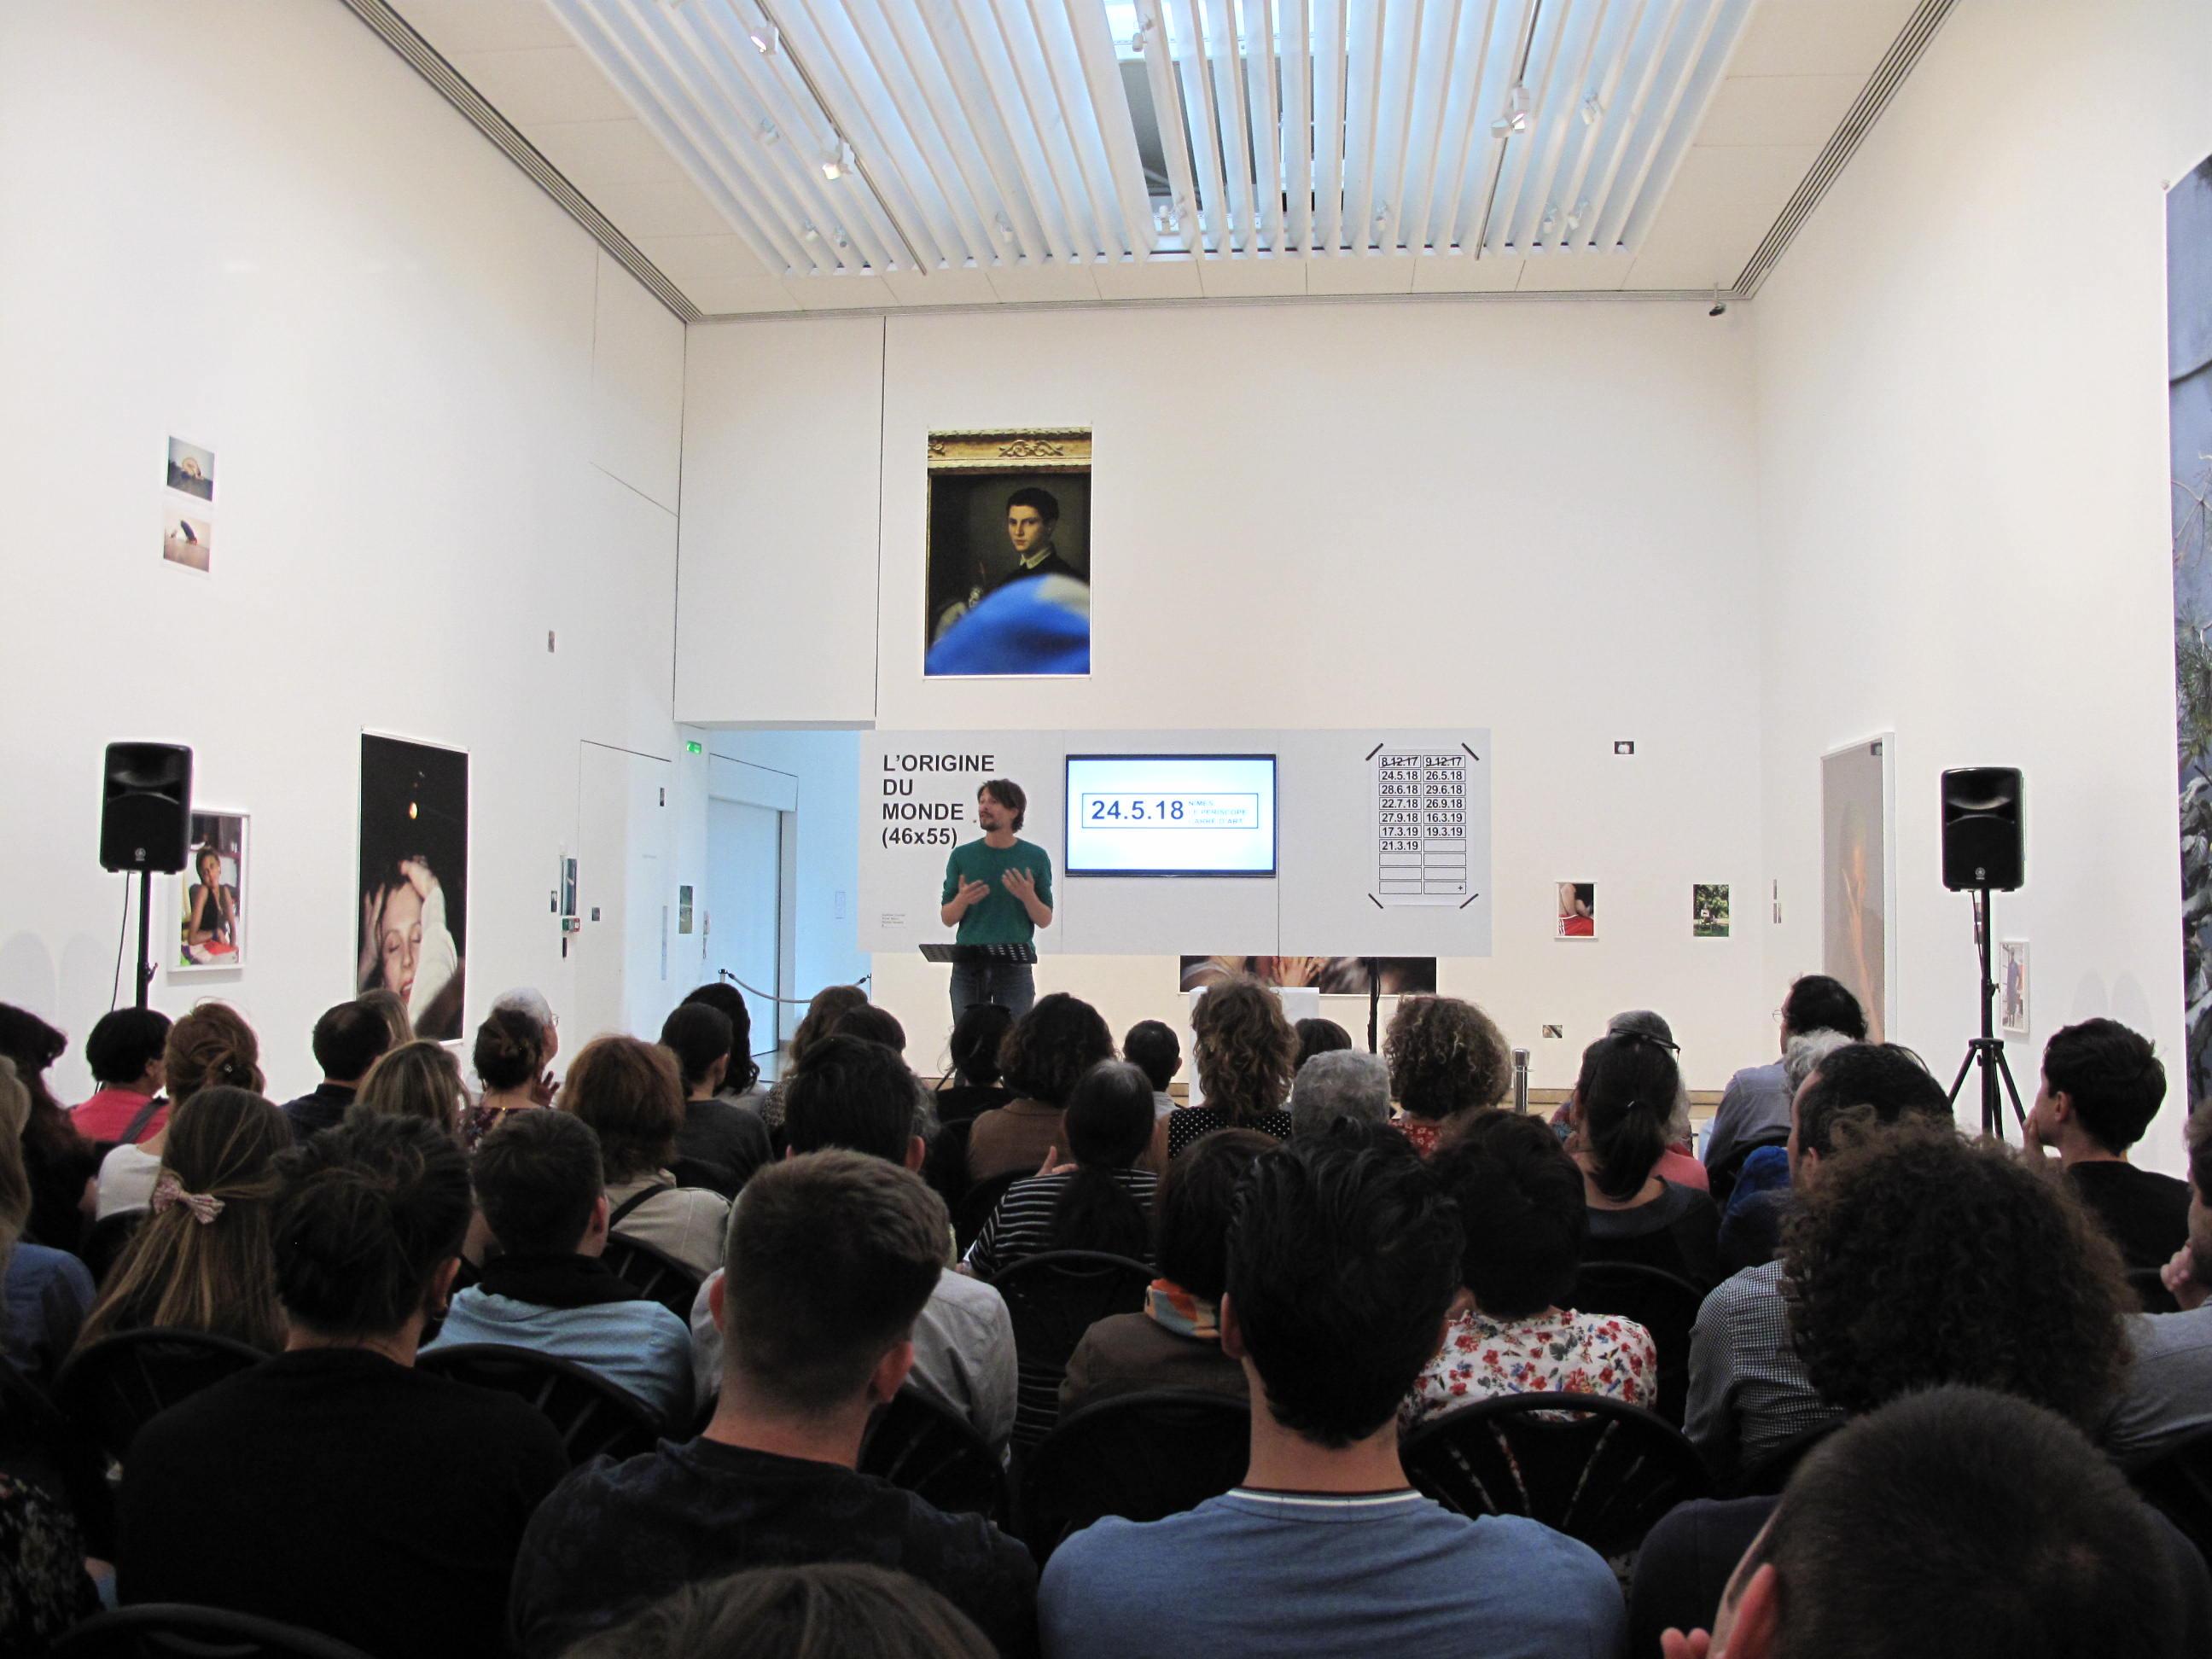 L'Origine du Monde de la cie La Vaste Entreprise à Carré d'Art Musée